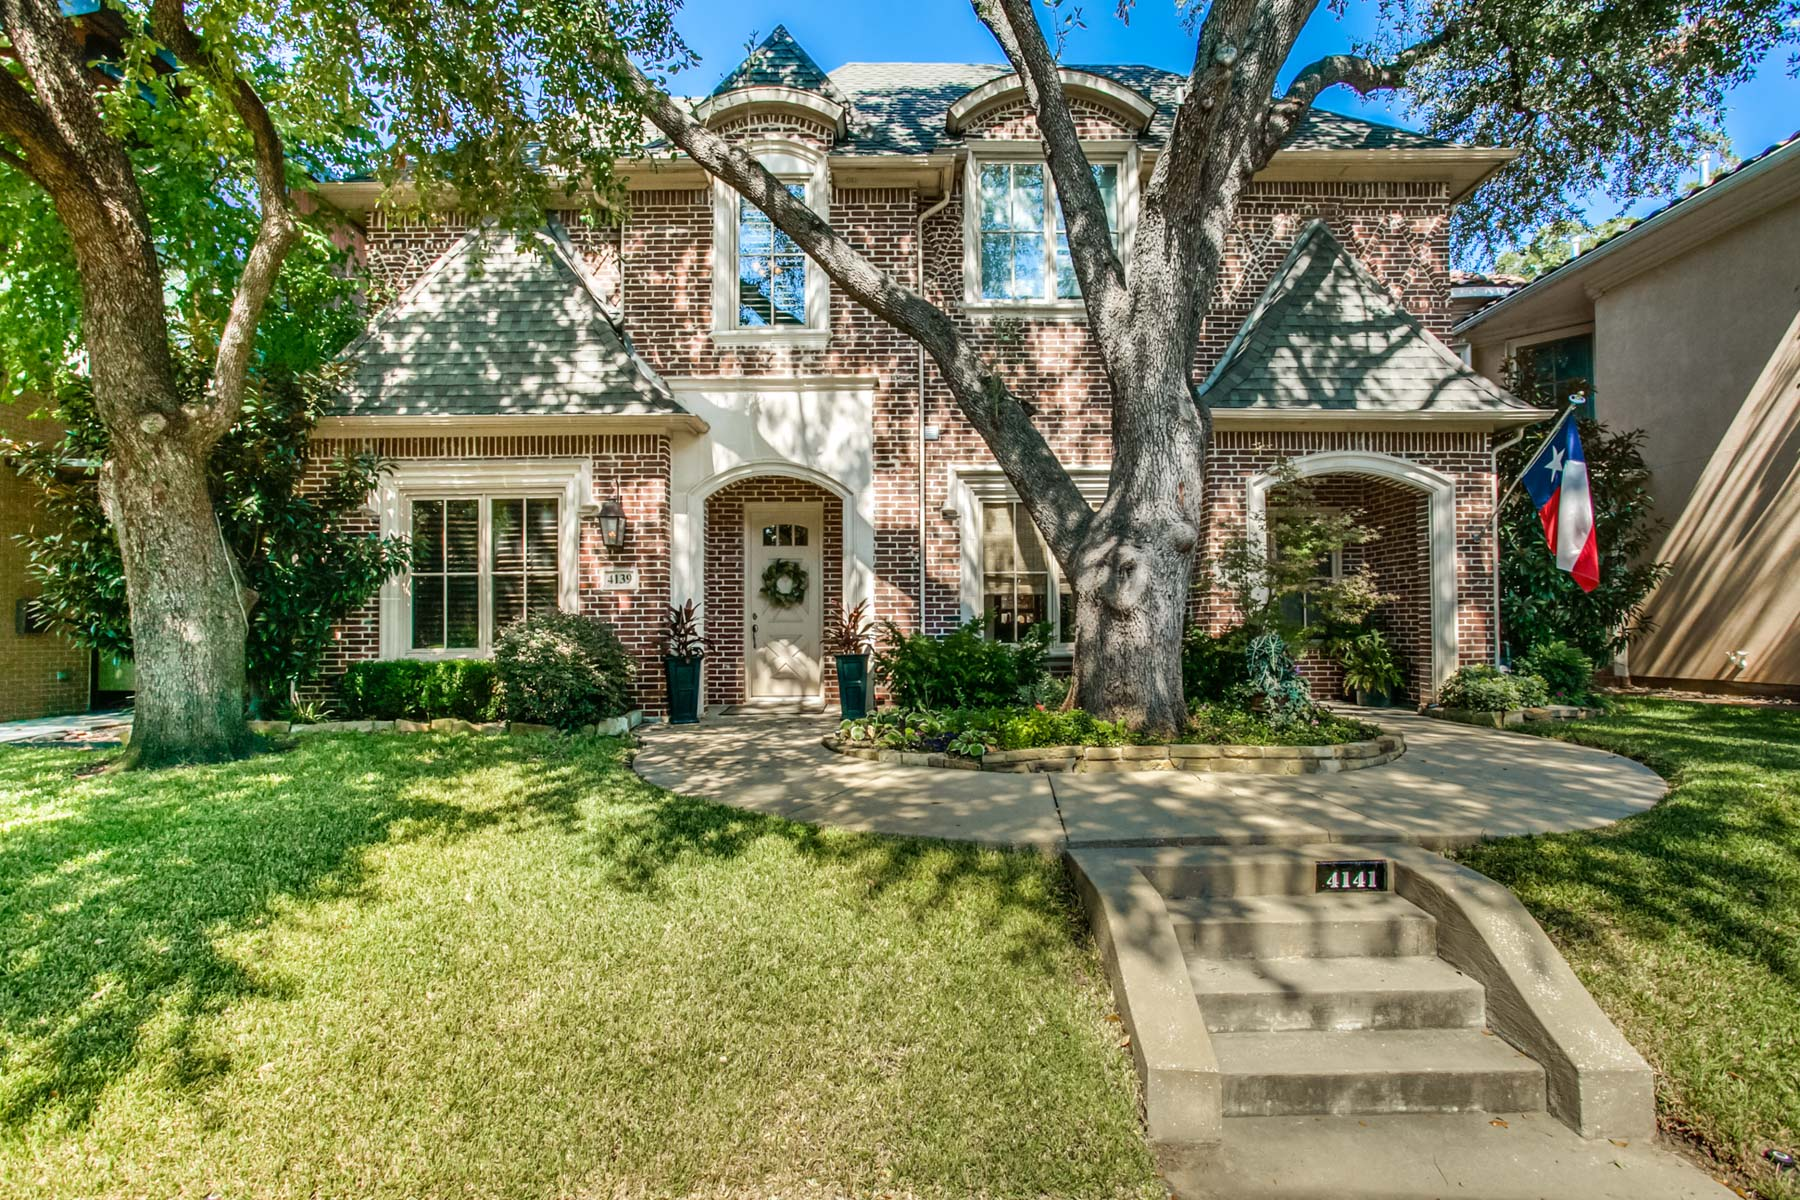 一戸建て のために 売買 アット 4139 Herschel Avenue, Dallas Dallas, テキサス, 75219 アメリカ合衆国